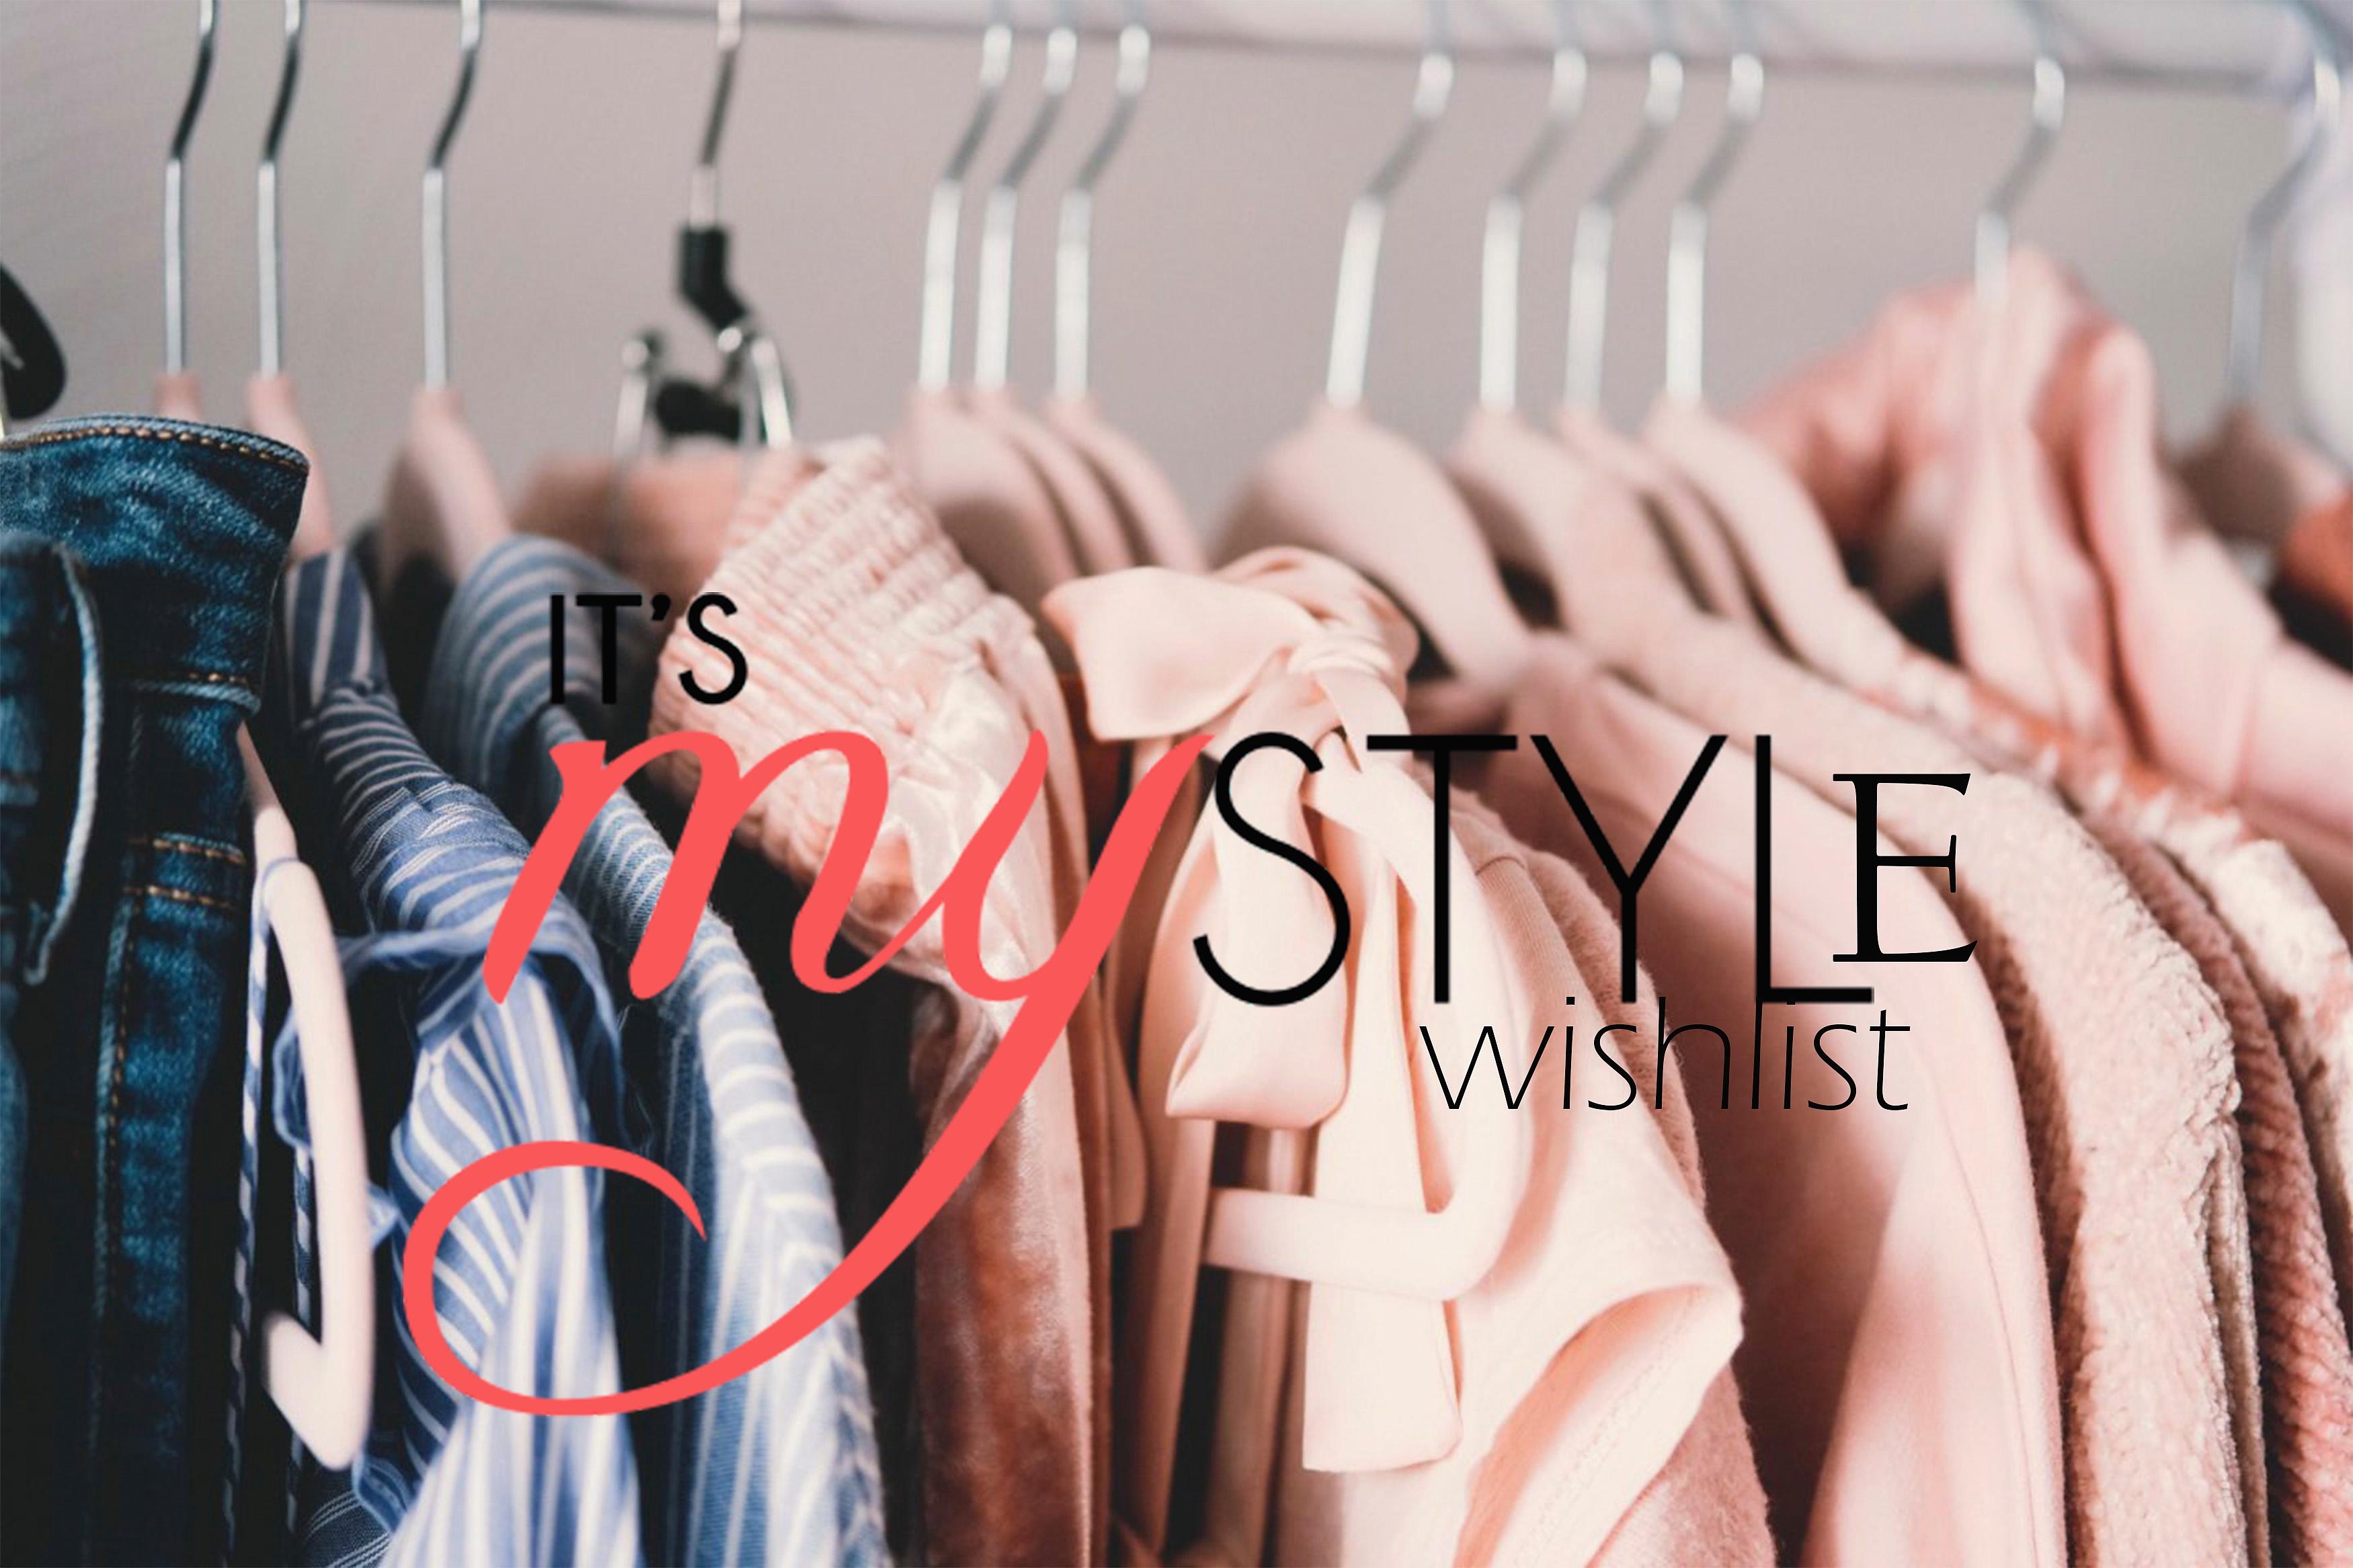 My style wishlist